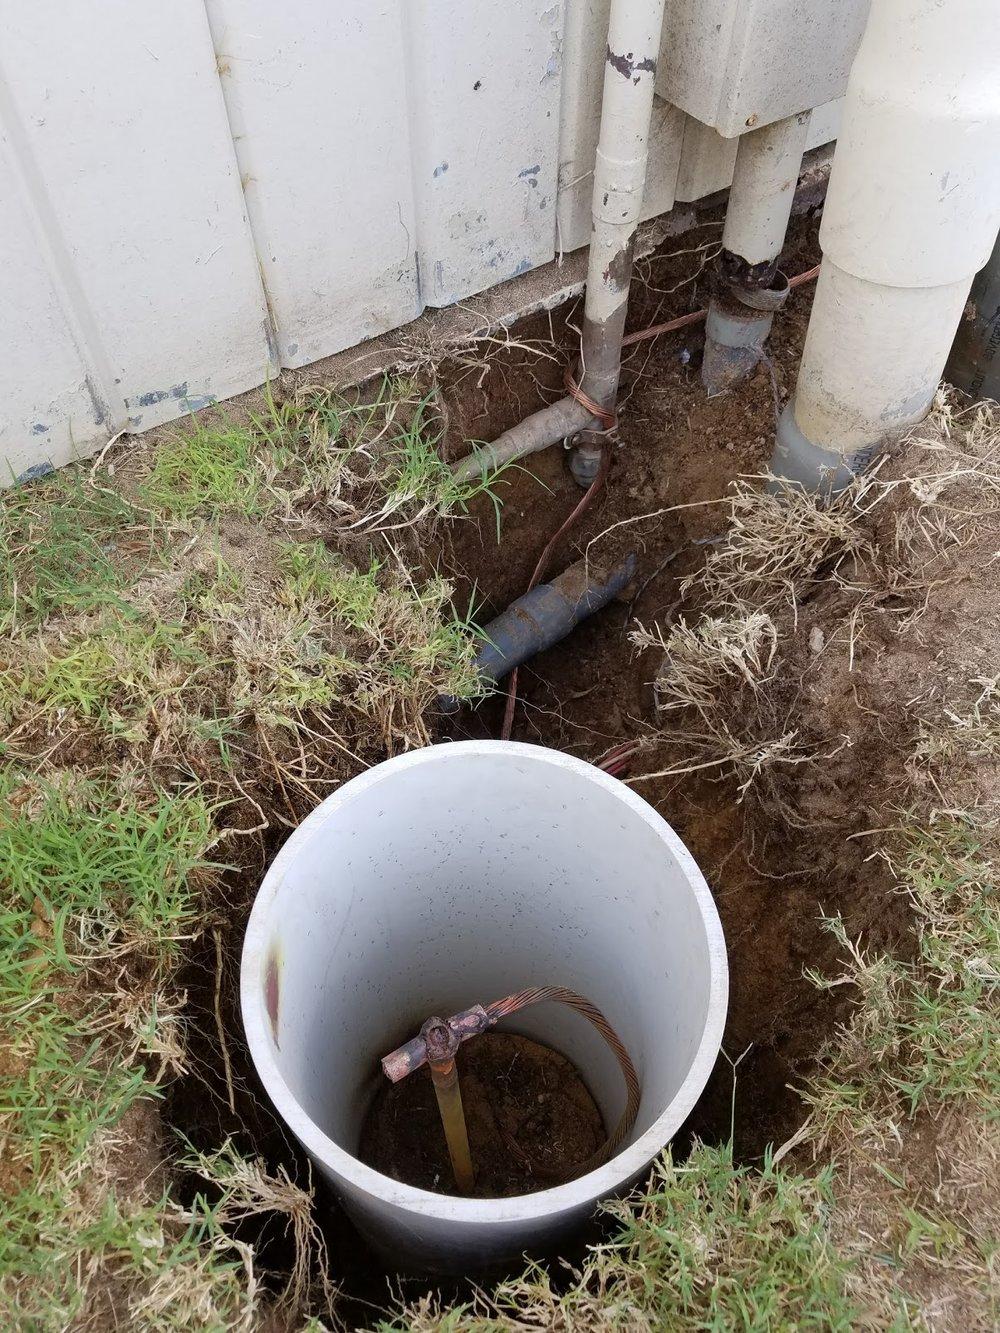 20161020_171348 - Ground in Ground Well.jpg